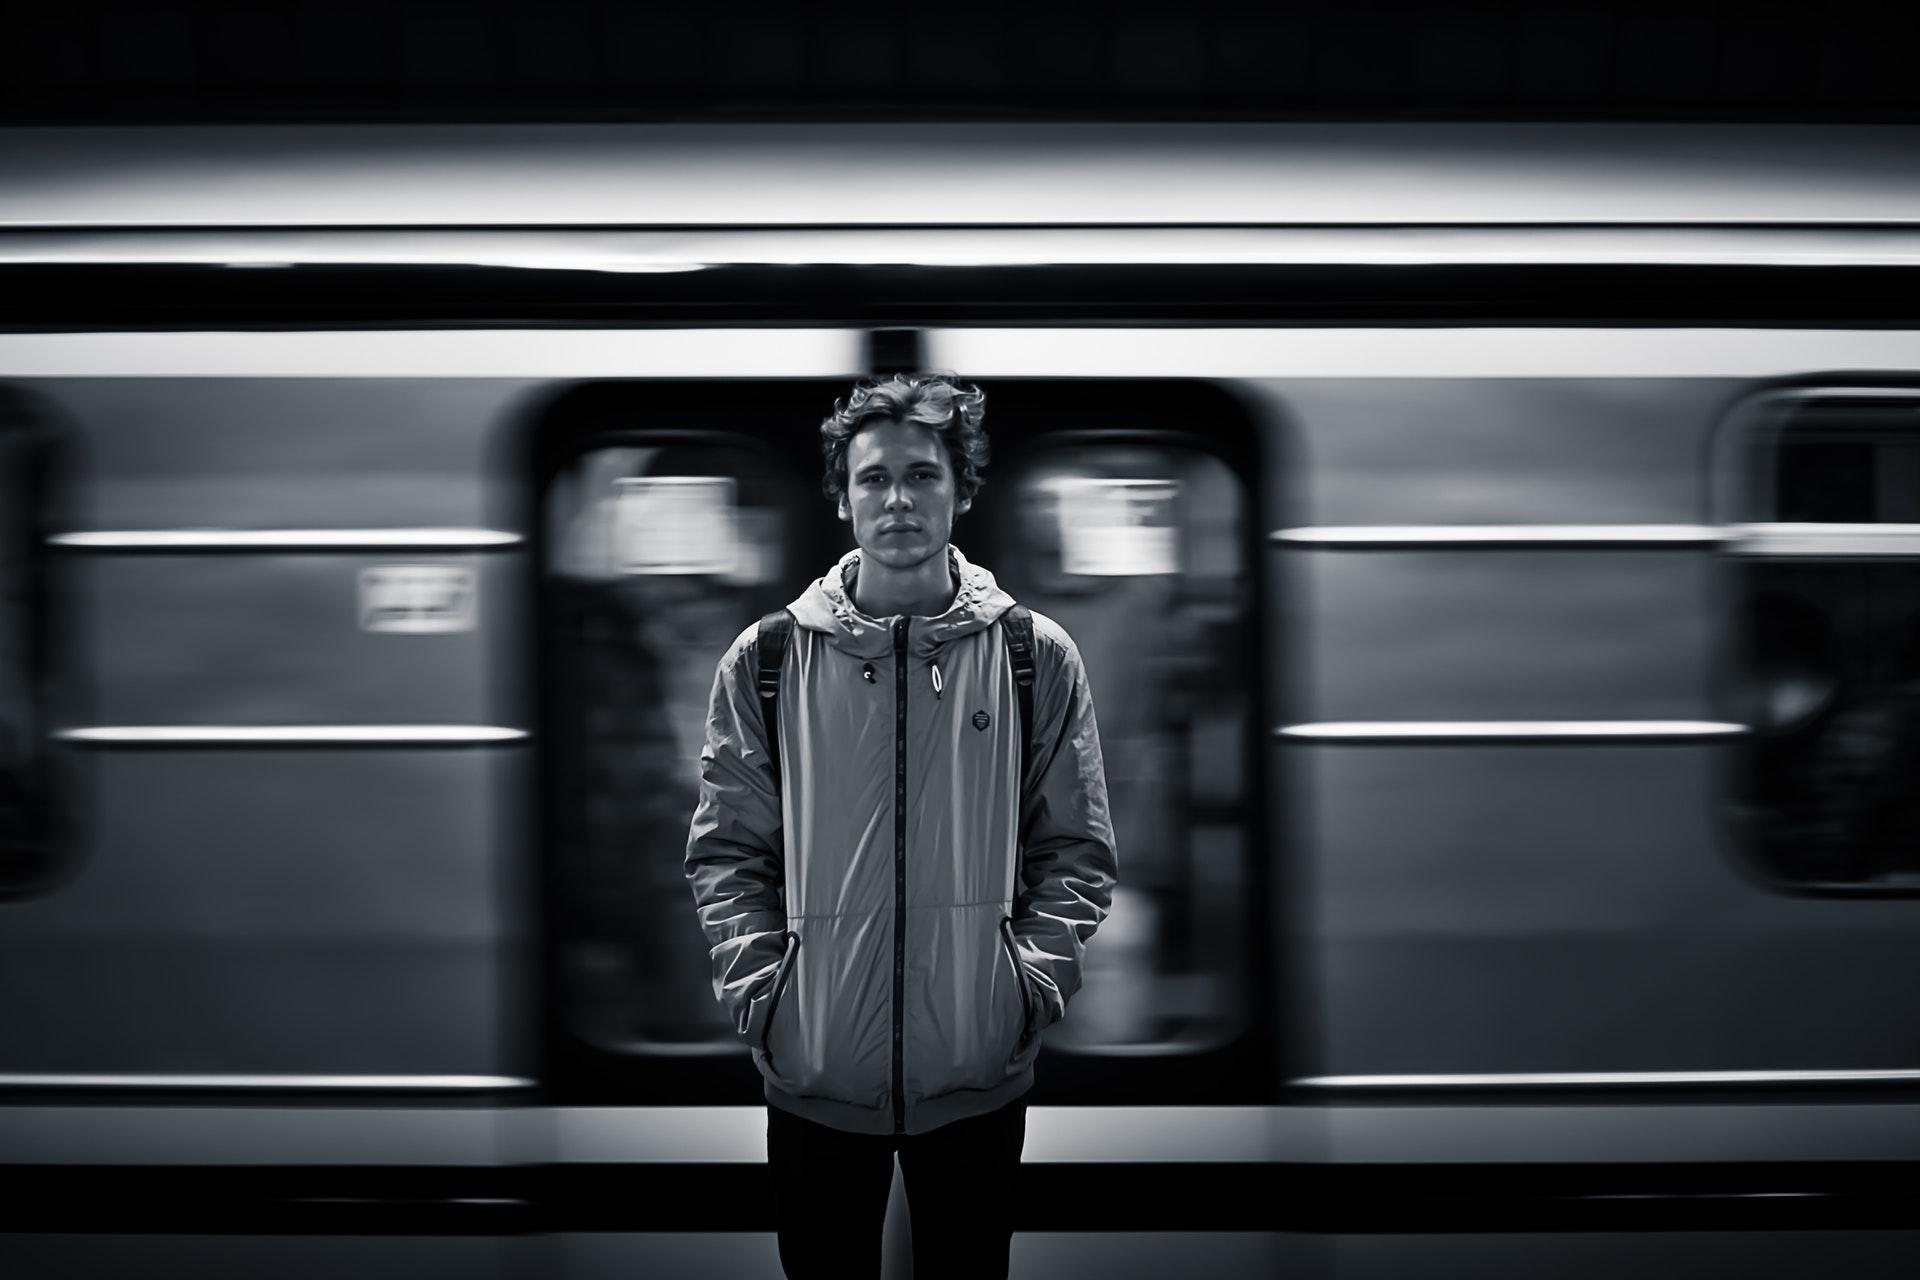 Photo by Stefan Stefancik from Pexels